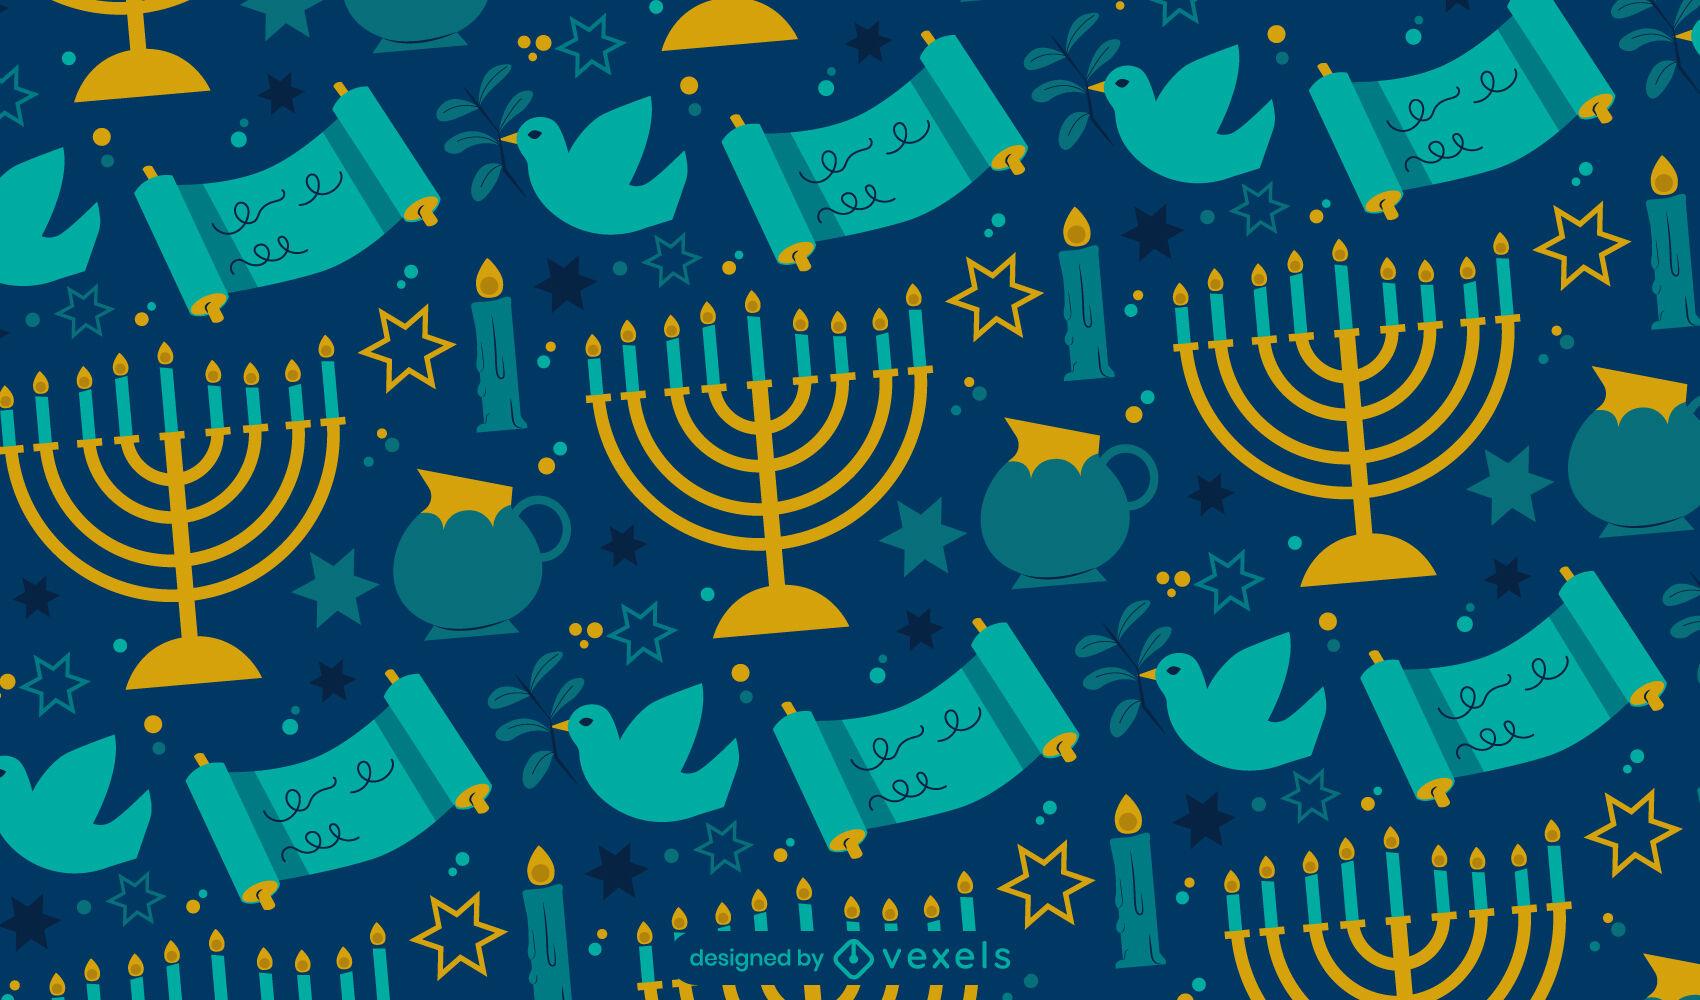 Dise?o de patr?n de vacaciones jud?as de Hanukkah